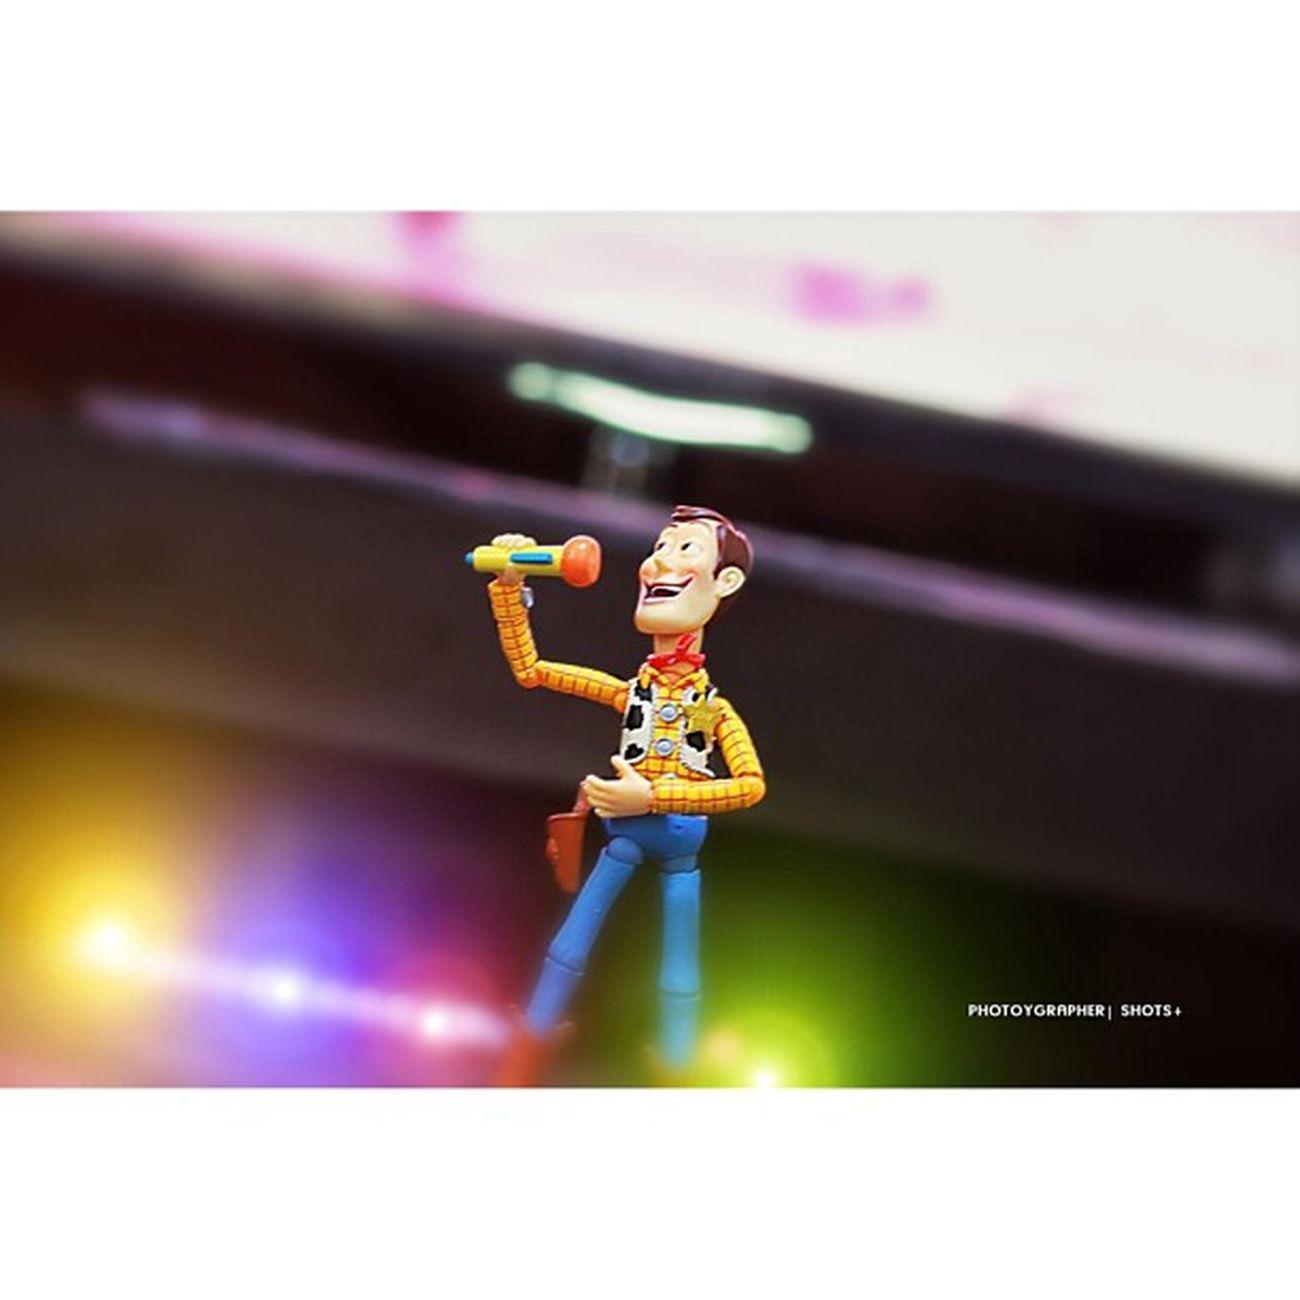 """""""Karaoke King"""" Toypops Toyhumor Toycrewbuddies Toyquest toys4life toystark toystagram toyrevolution toycommunity toyslagram revoltech toyartistry InstaSize woody"""